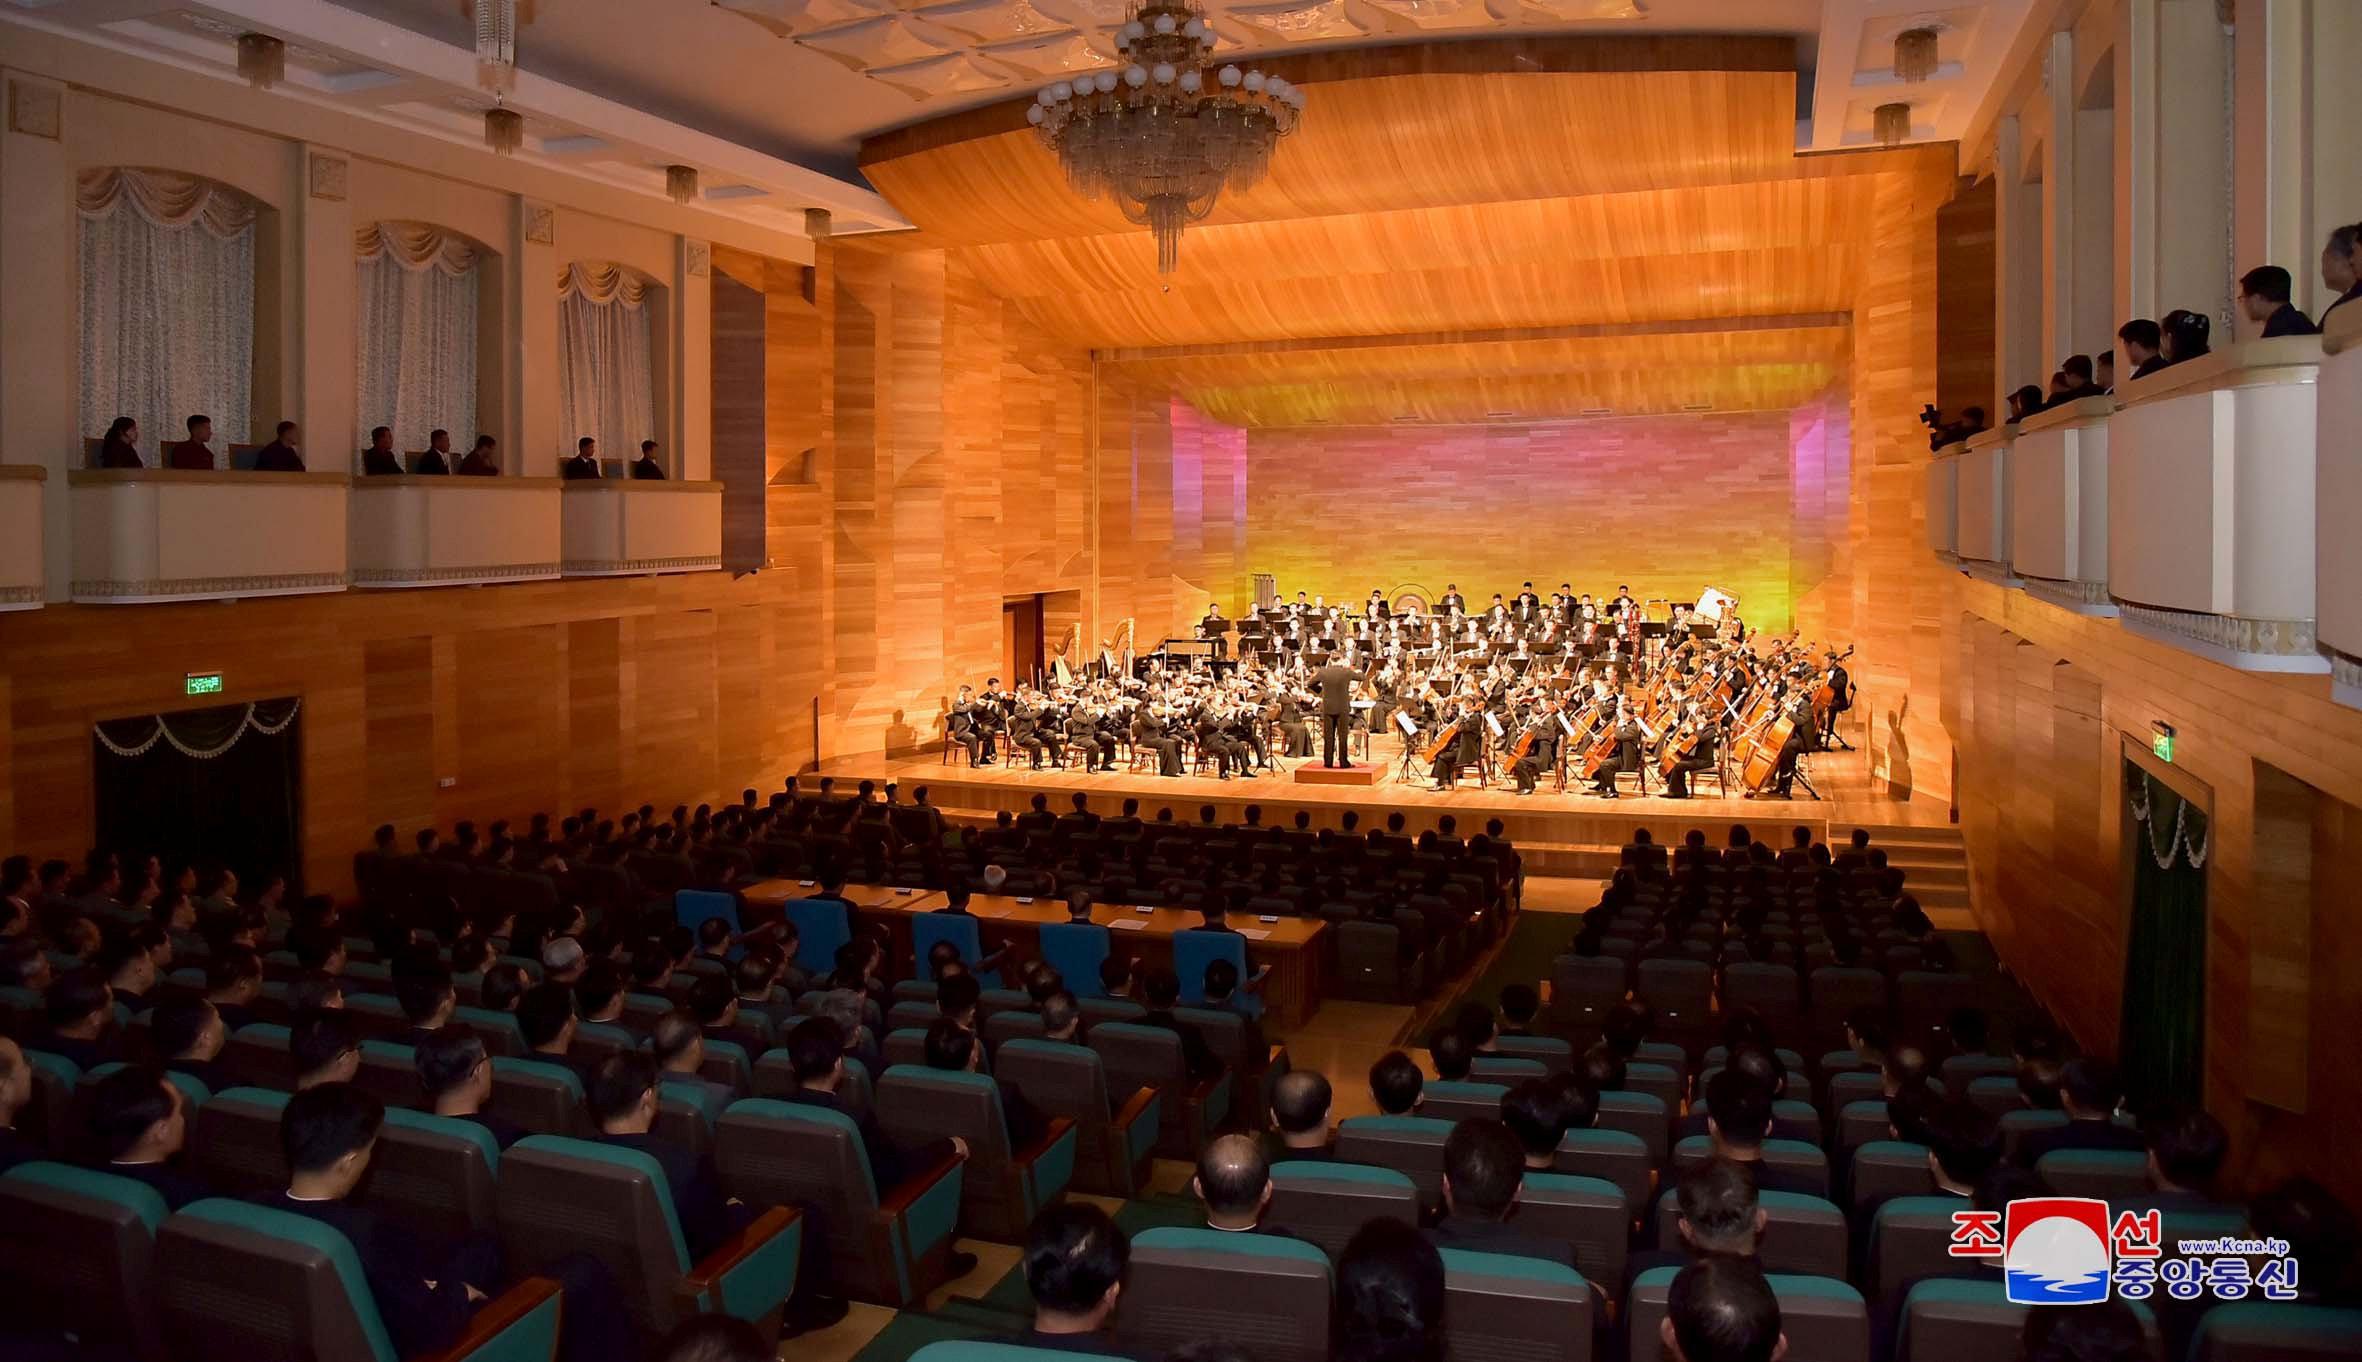 المسرح القومى ممتلئ بمسئولى الحزب الحاكم فى بيونج يانج